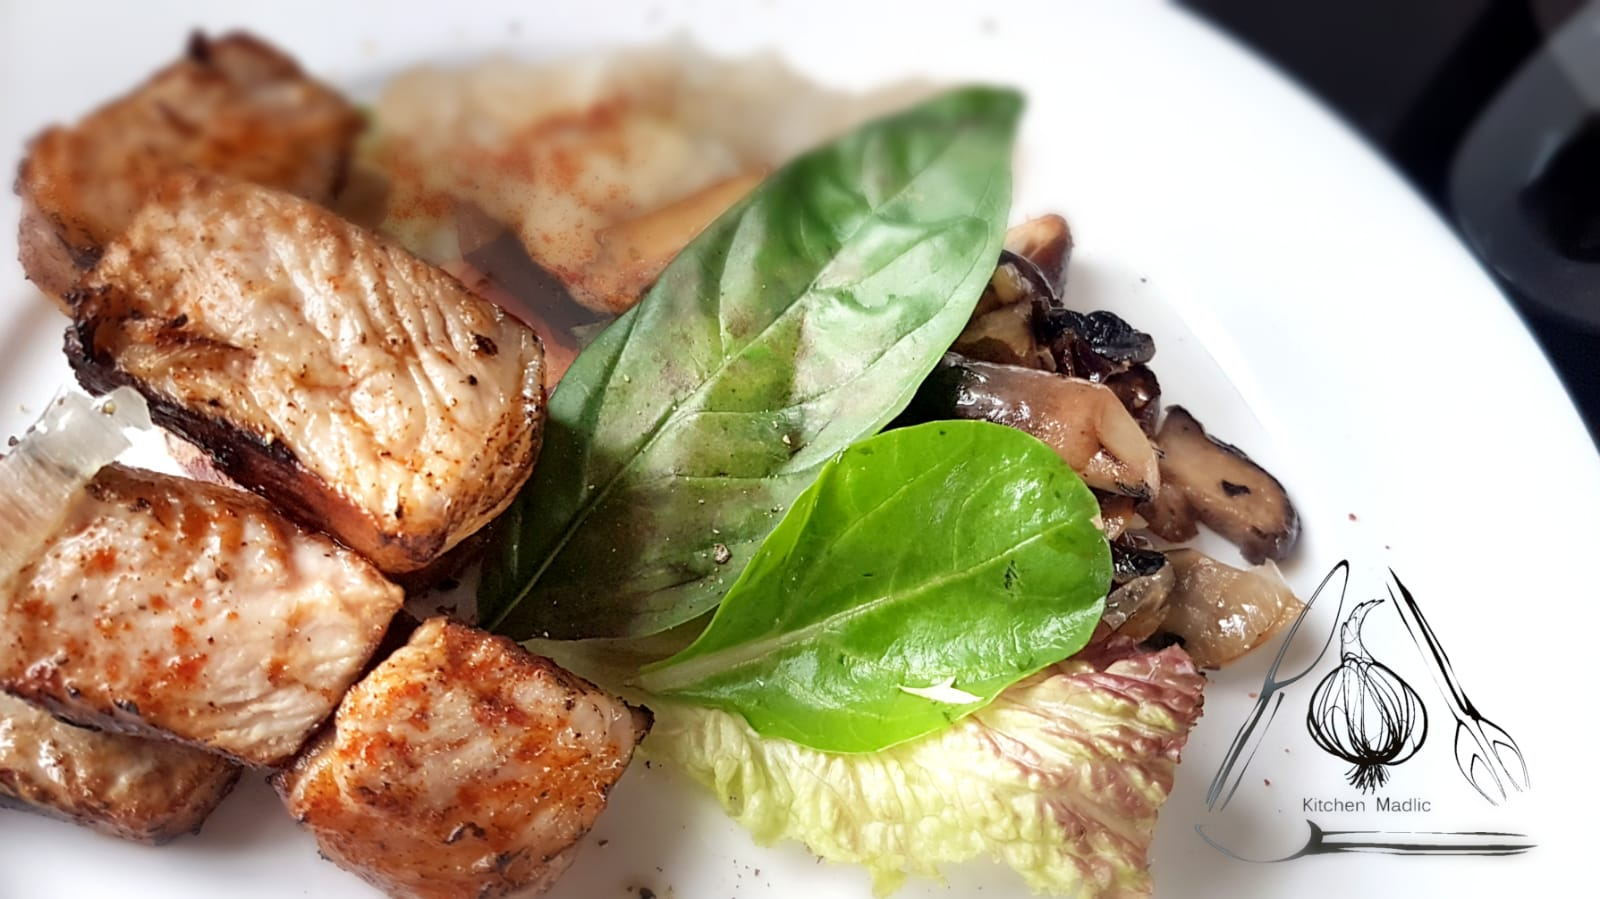 香茅羅勒黑毛豬配炒野菌薯蓉。(Kitchen Madlic提供)